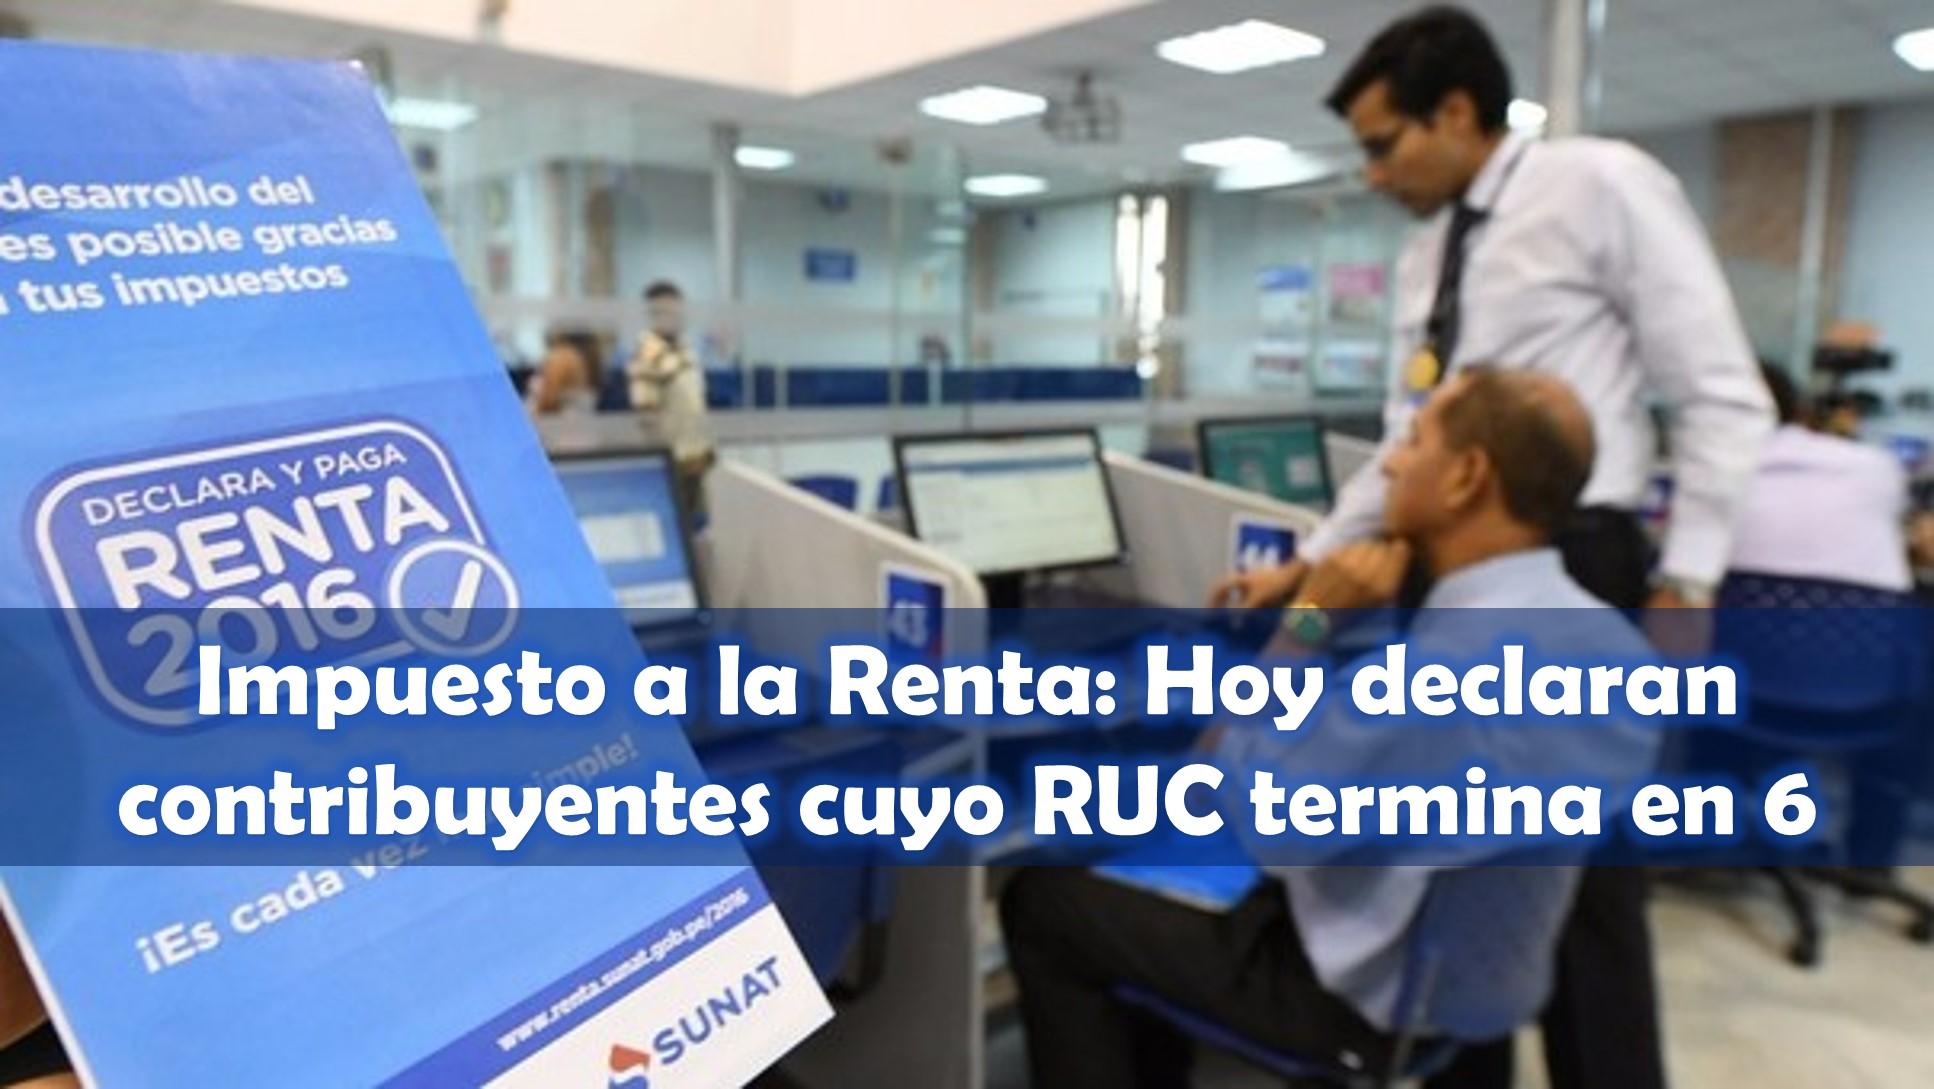 Cronograma De Impuesto A La Renta 2016 Peru